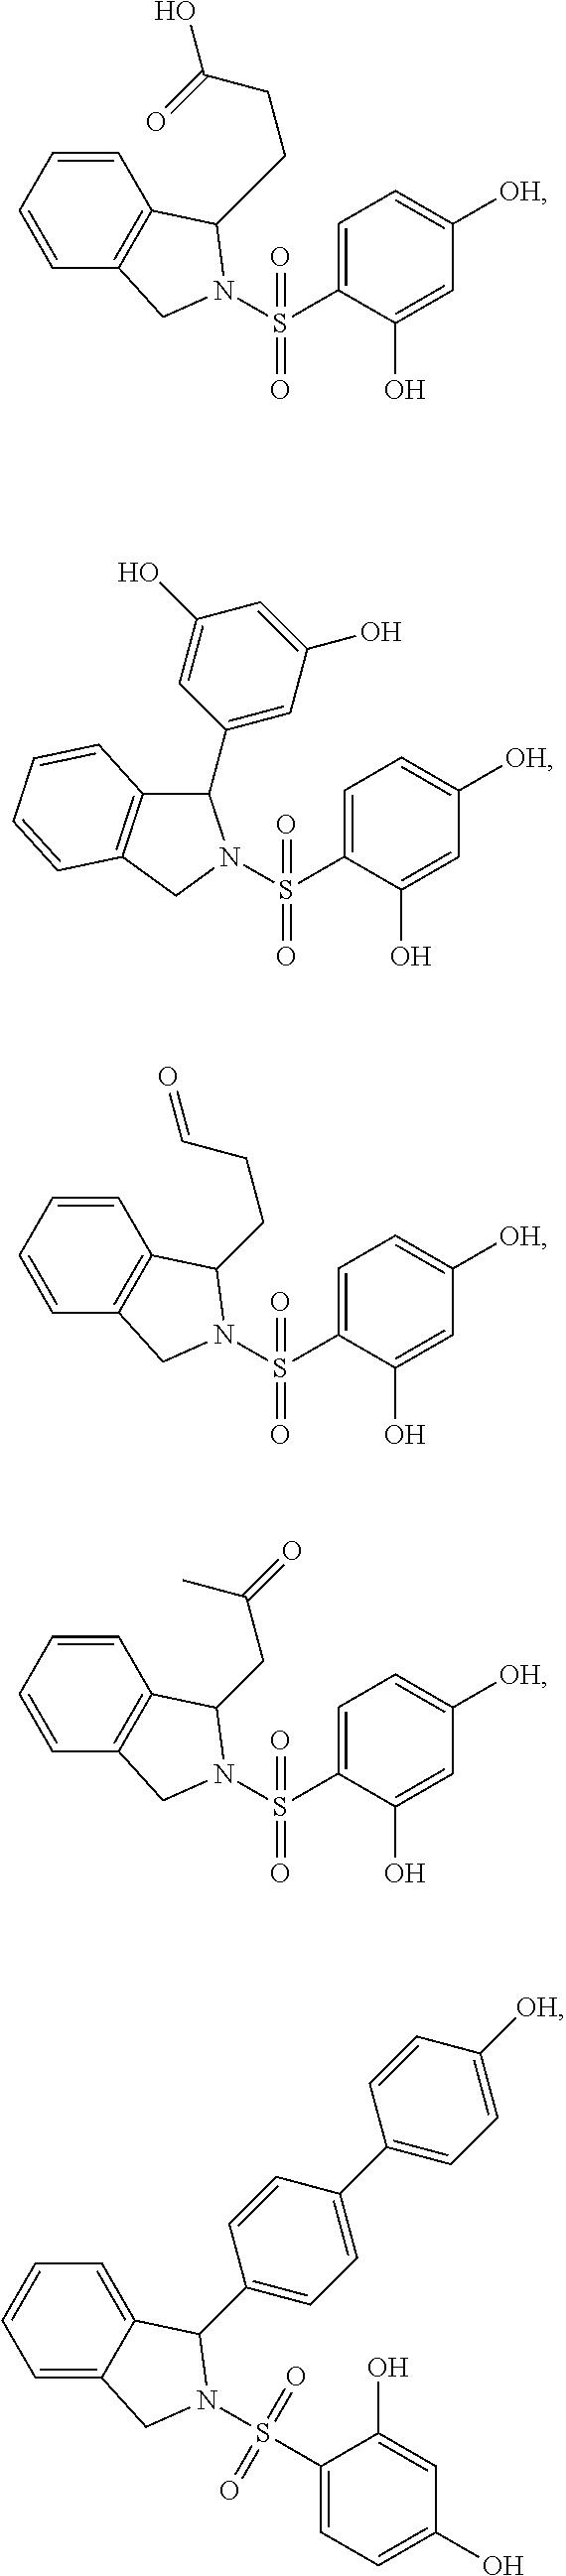 Figure US10167258-20190101-C00028